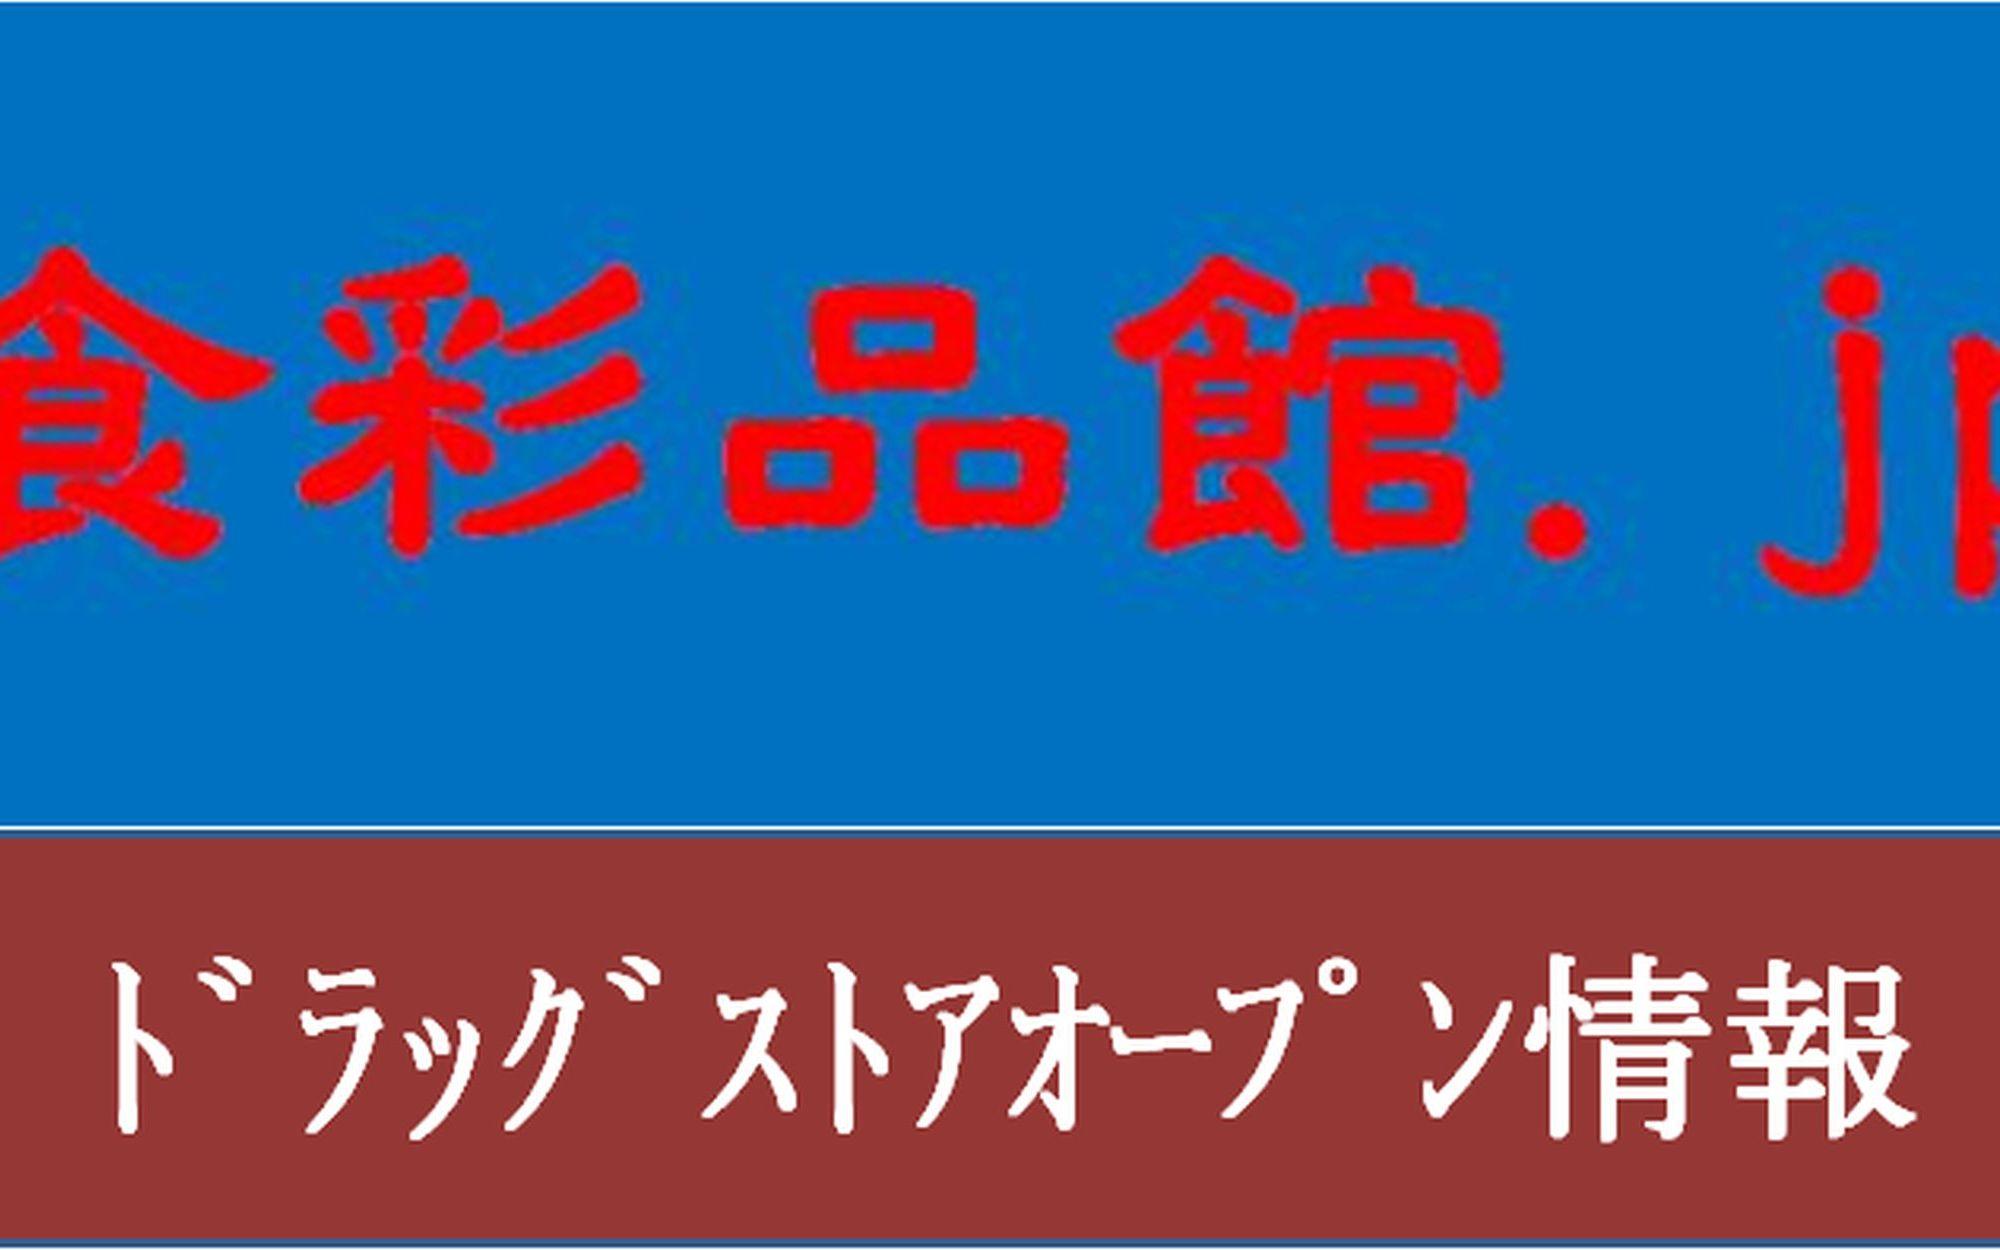 カワチ薬品原町東店(福島県南相馬市)2021年1月28日オープン予定で大店立地届出